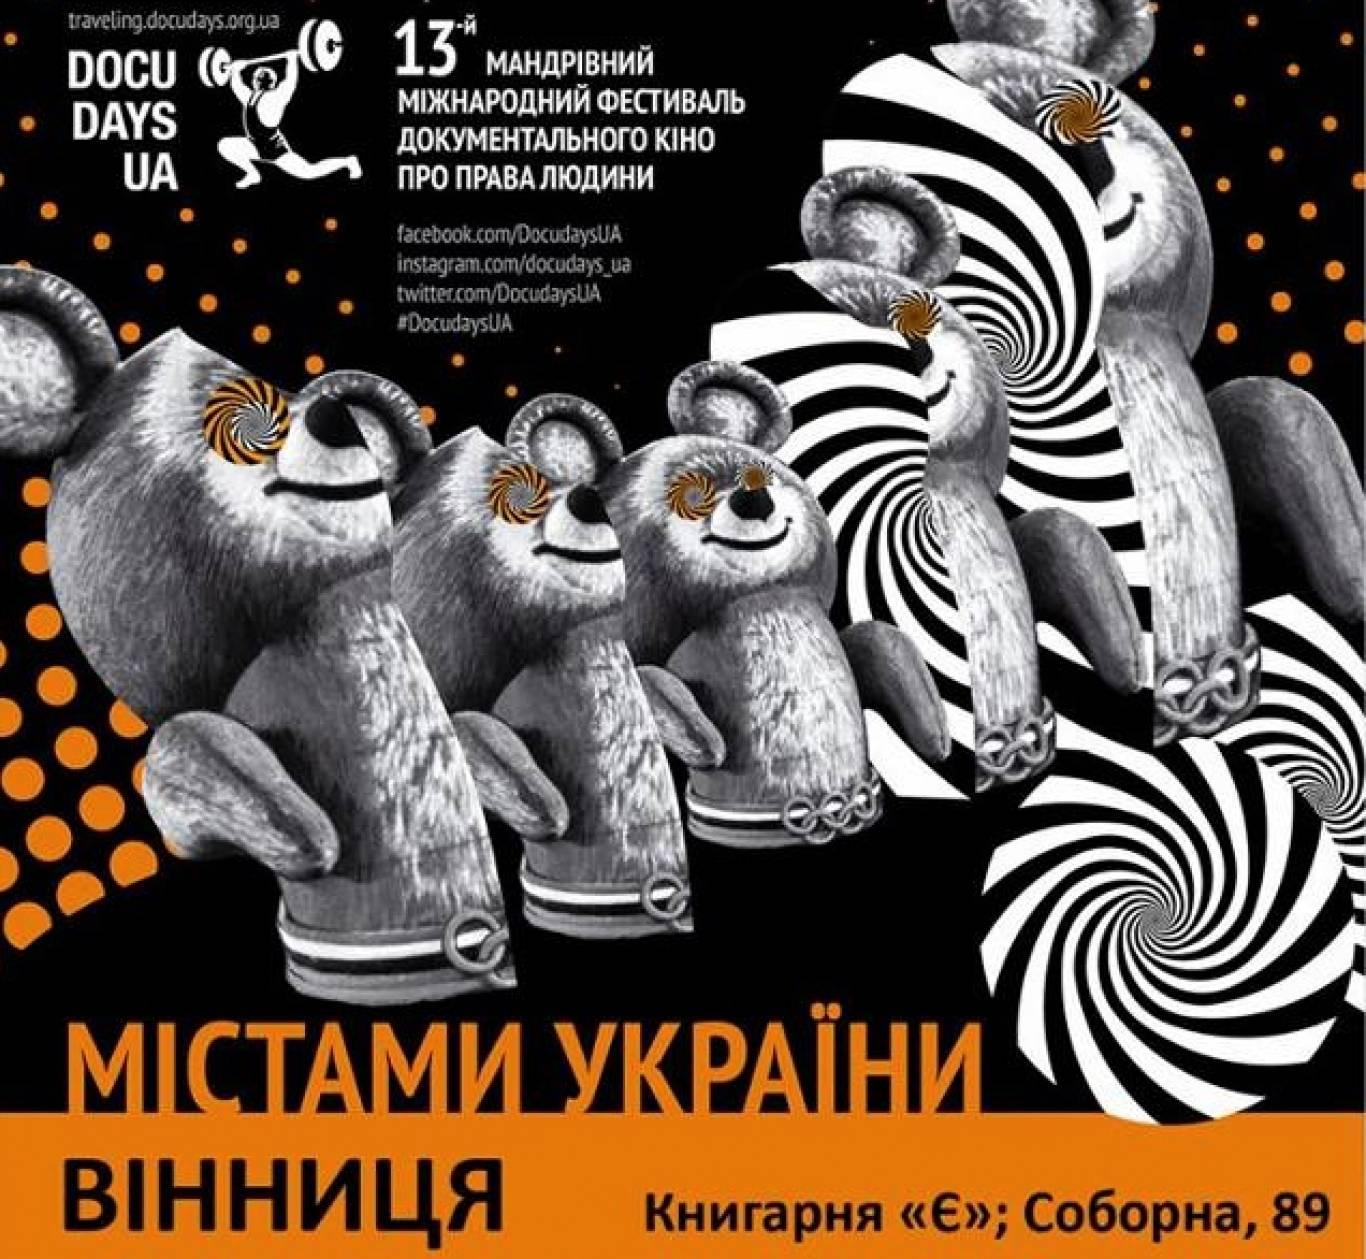 """Міжнародний фестиваль документального кіно про права людини """"Docudays UA"""""""